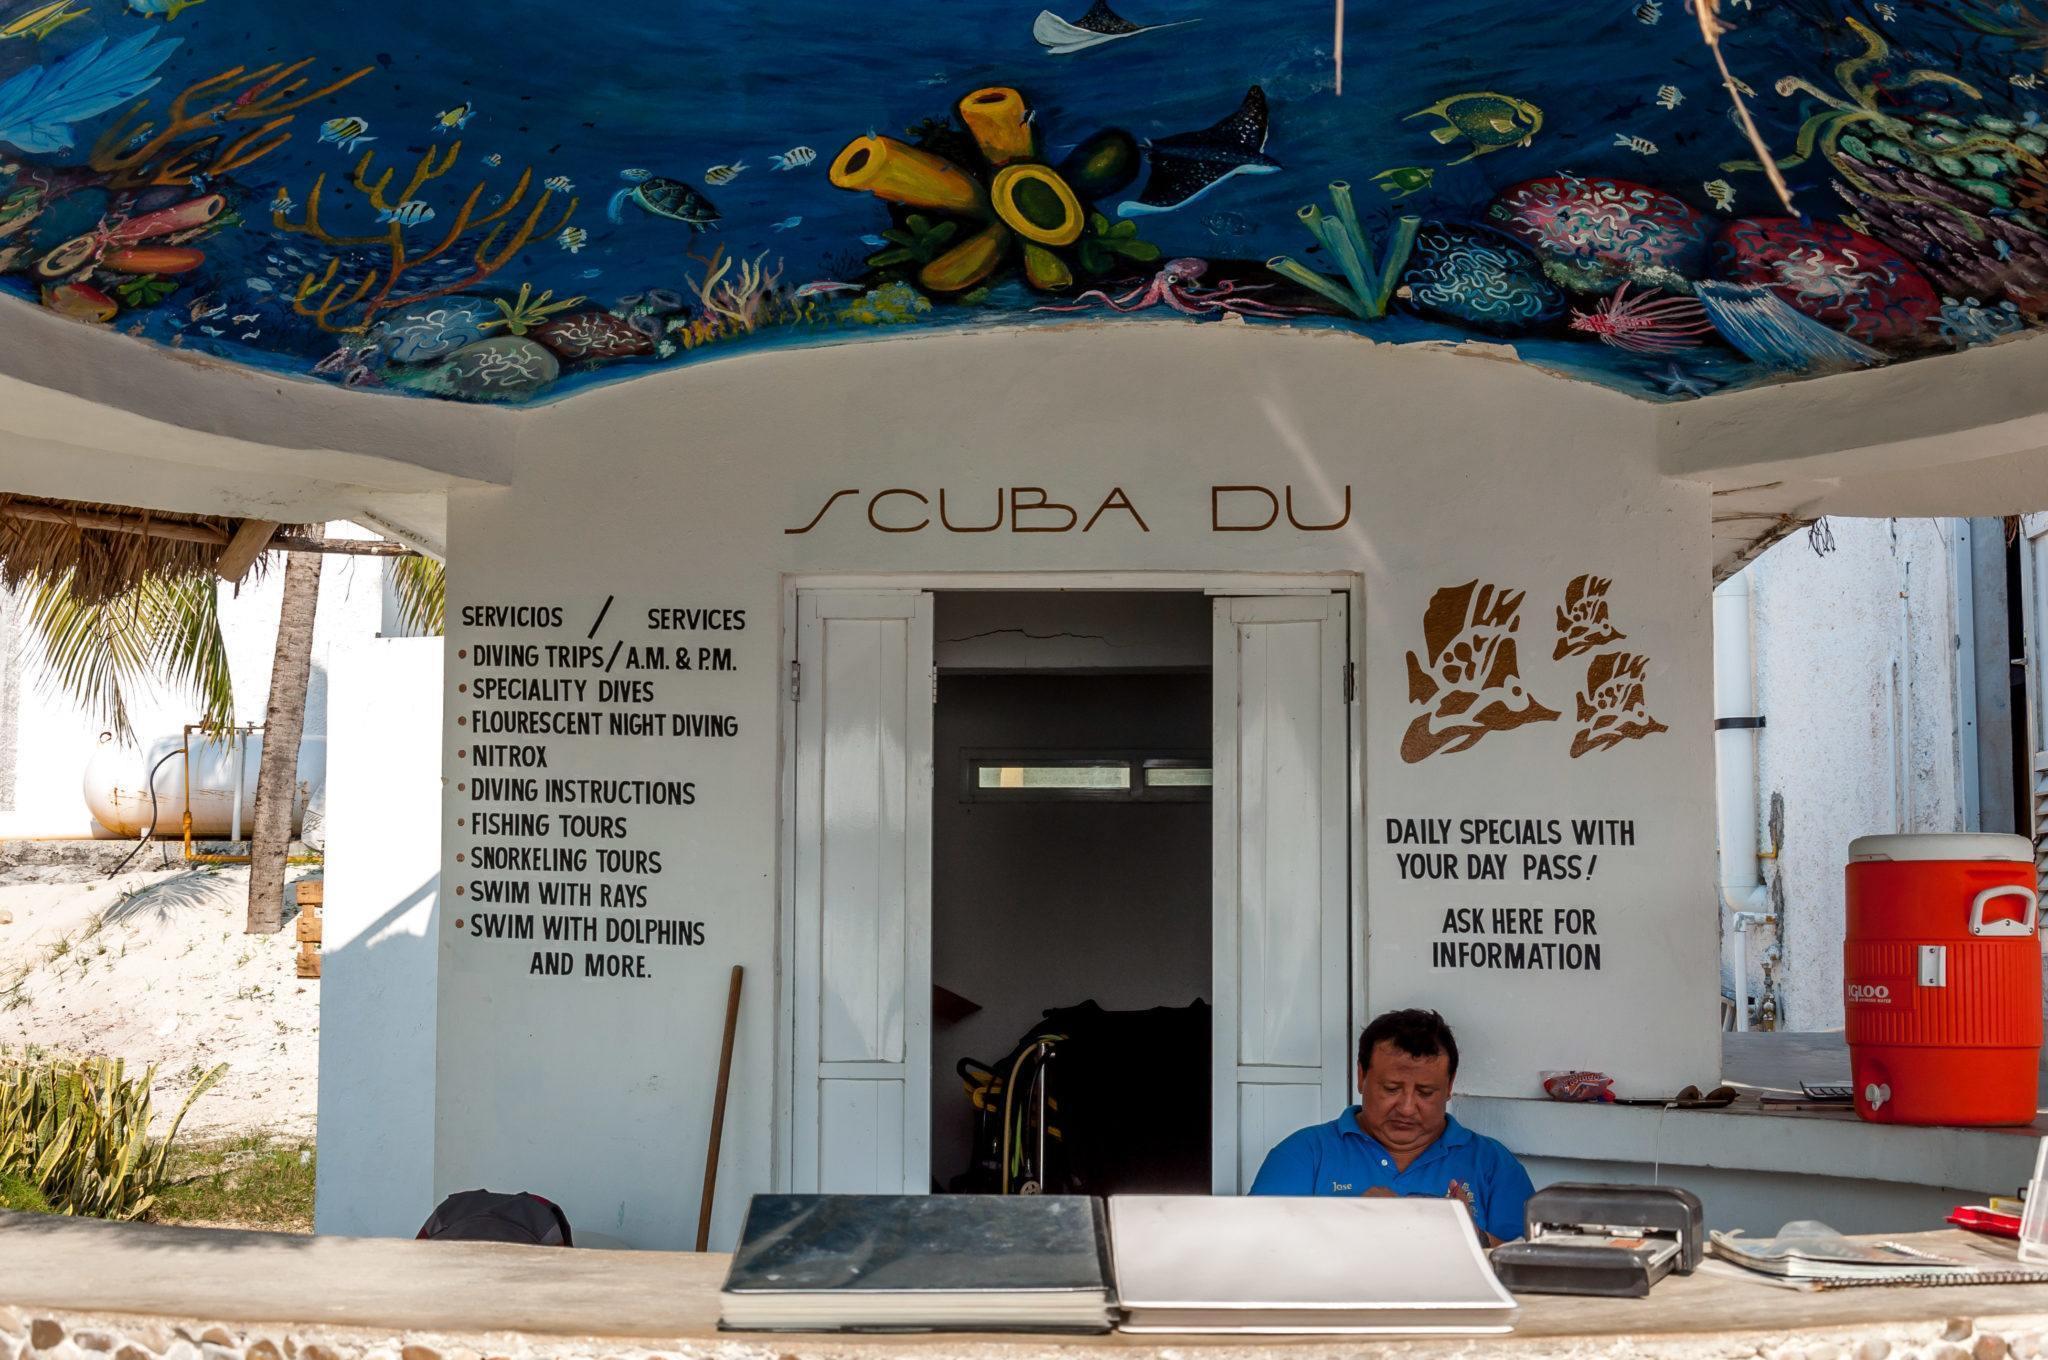 The Scuba Du dive shop